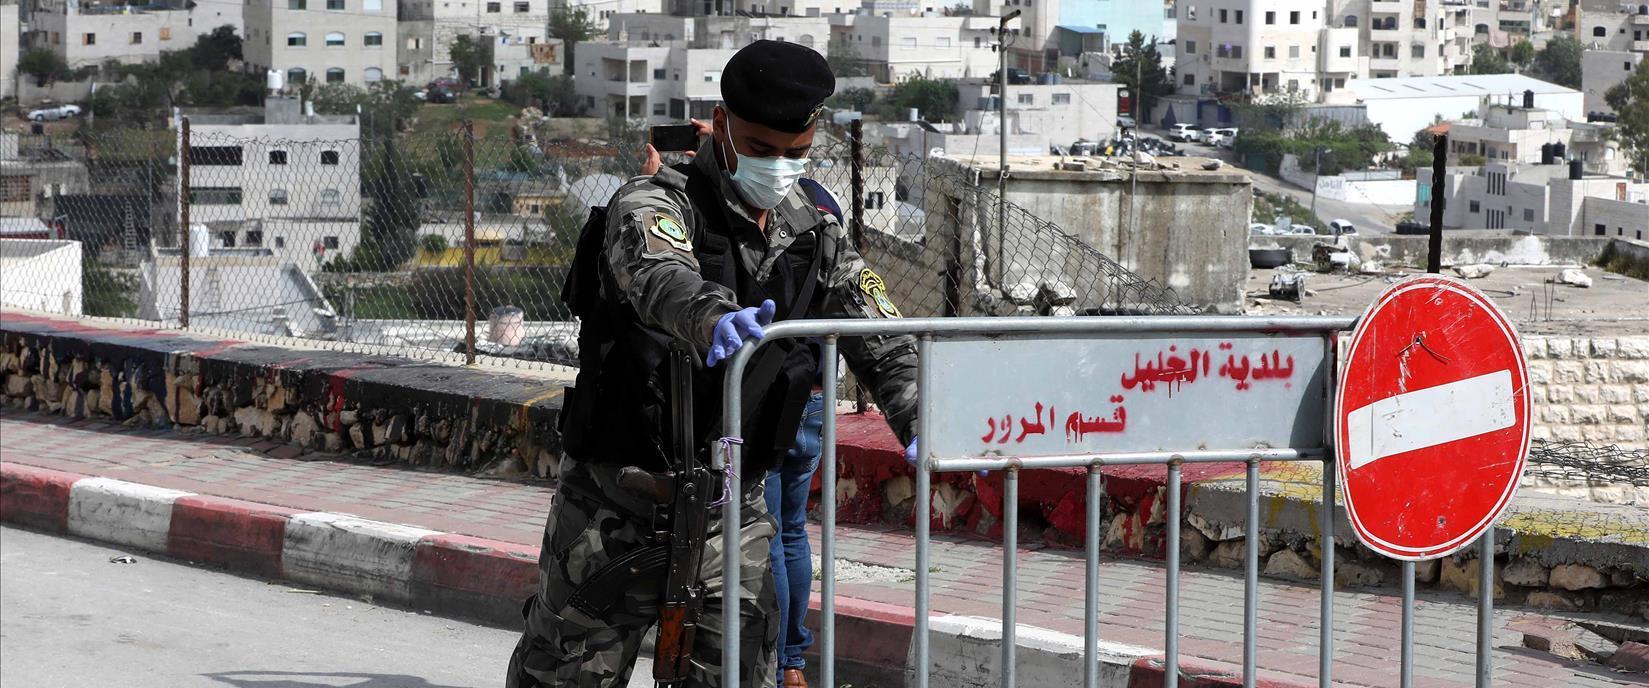 מחסום פלסטיני